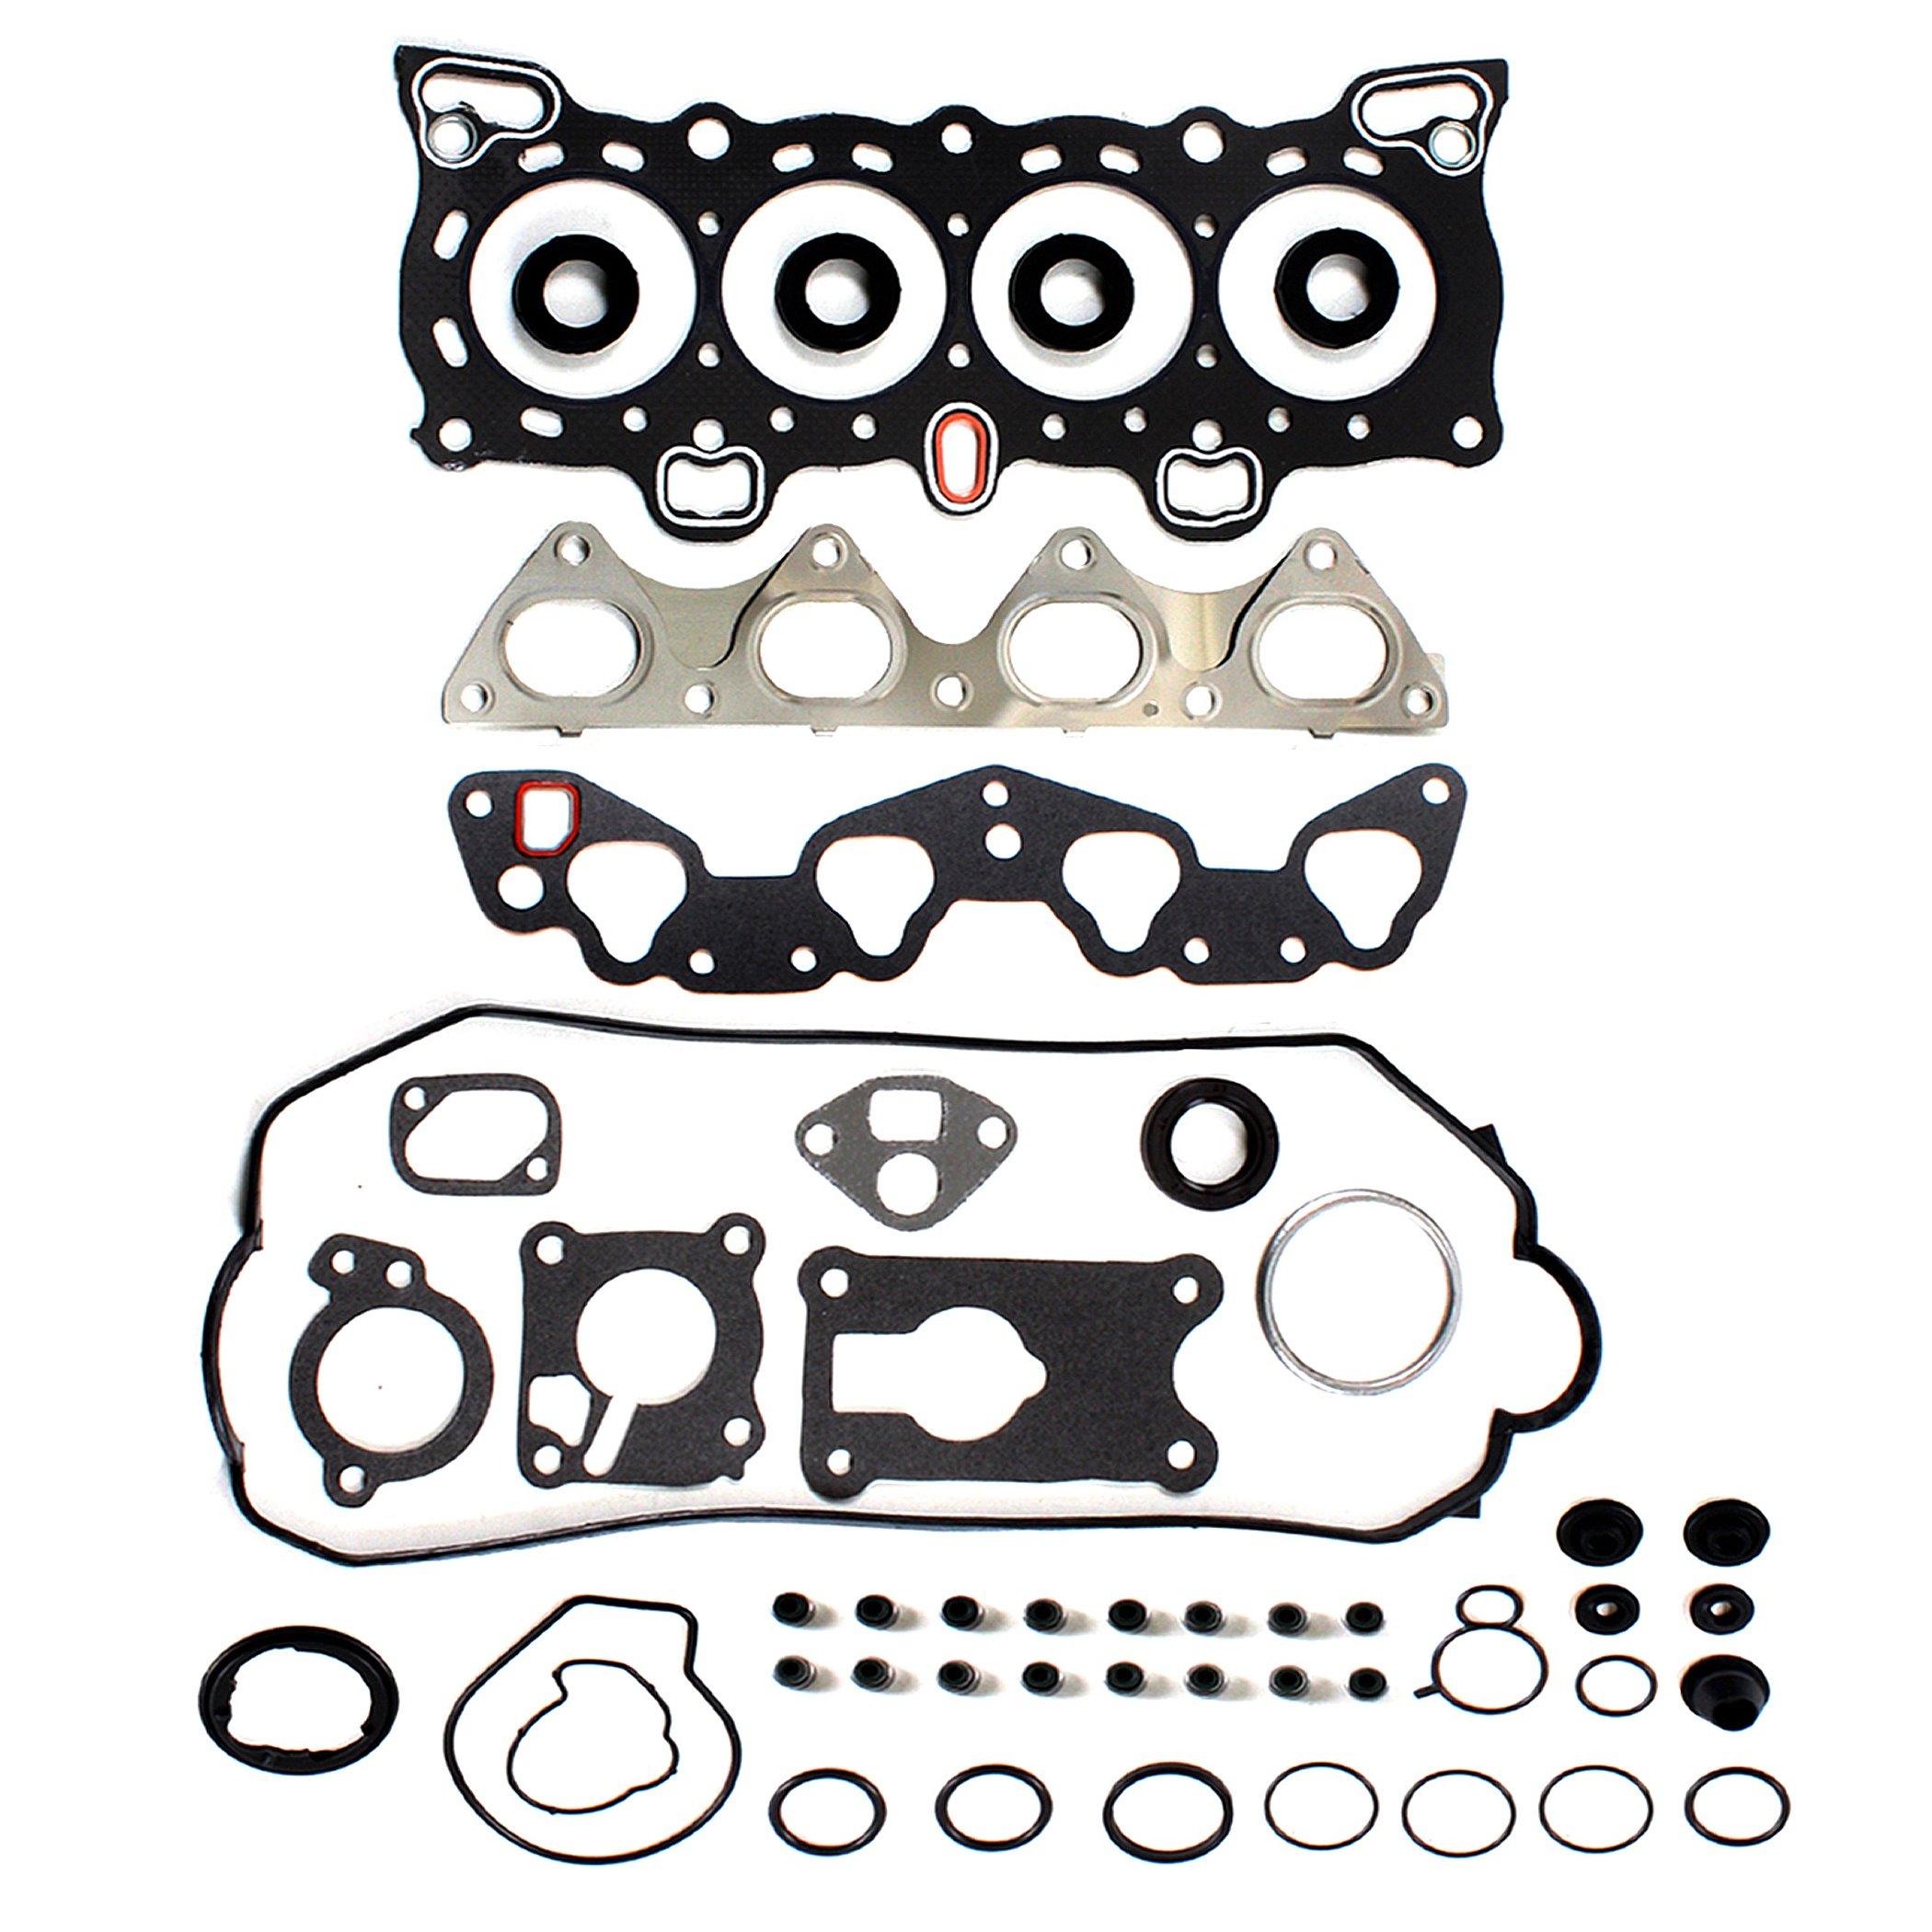 d15b2 motor specs